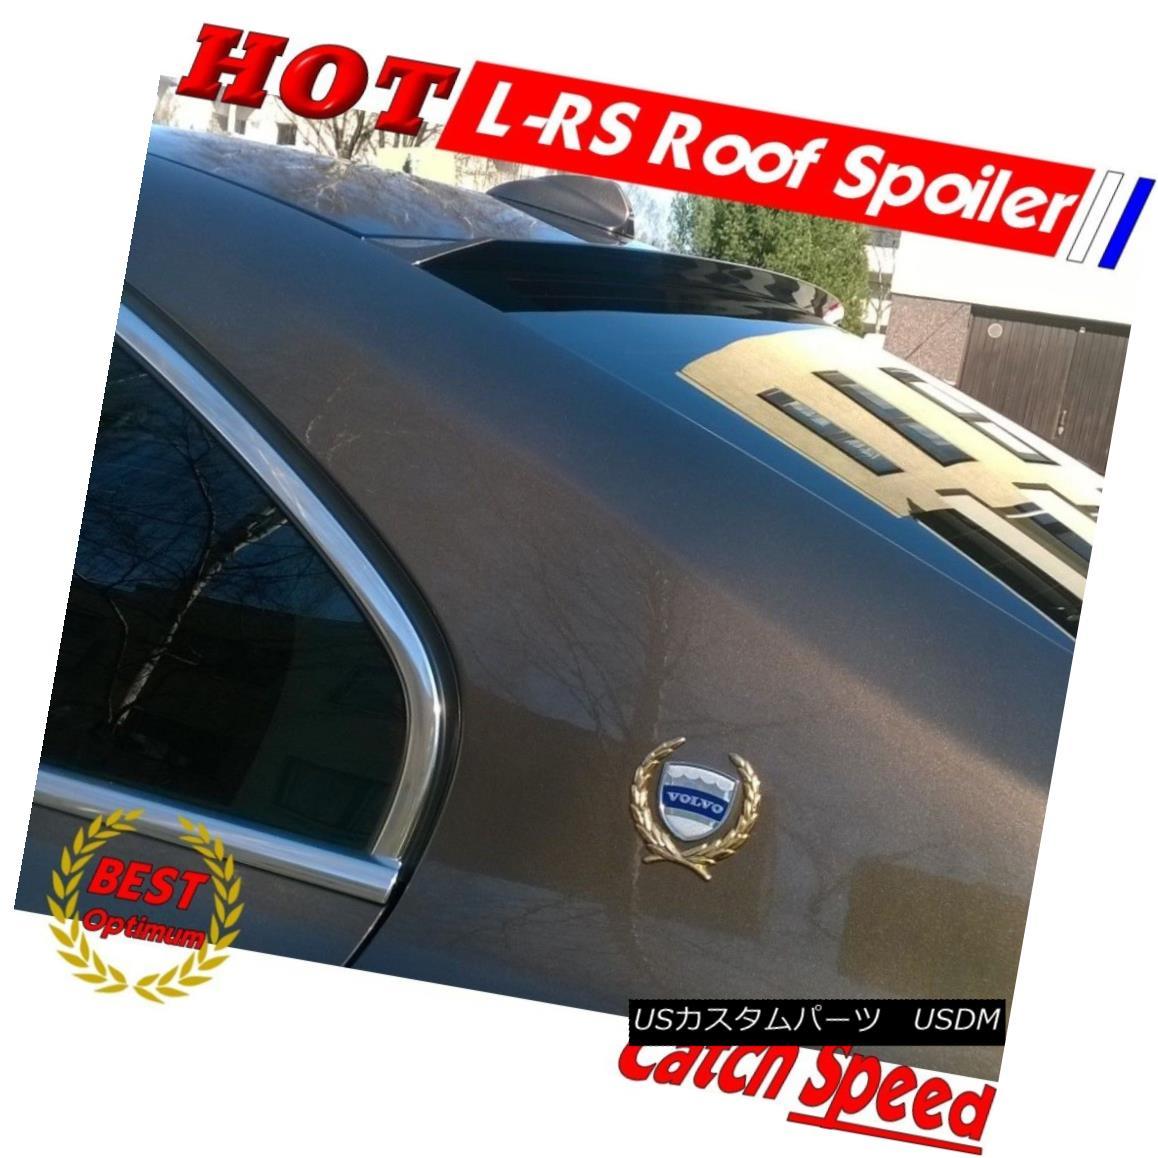 エアロパーツ Painted LRS Type Rear Window Roof Spoiler Wing For Audi S7 Sedan 2011~2014 ? アウディS7セダン2011年?2014年に塗装LRSタイプのリアウィンドウルーフスポイラーウイング?